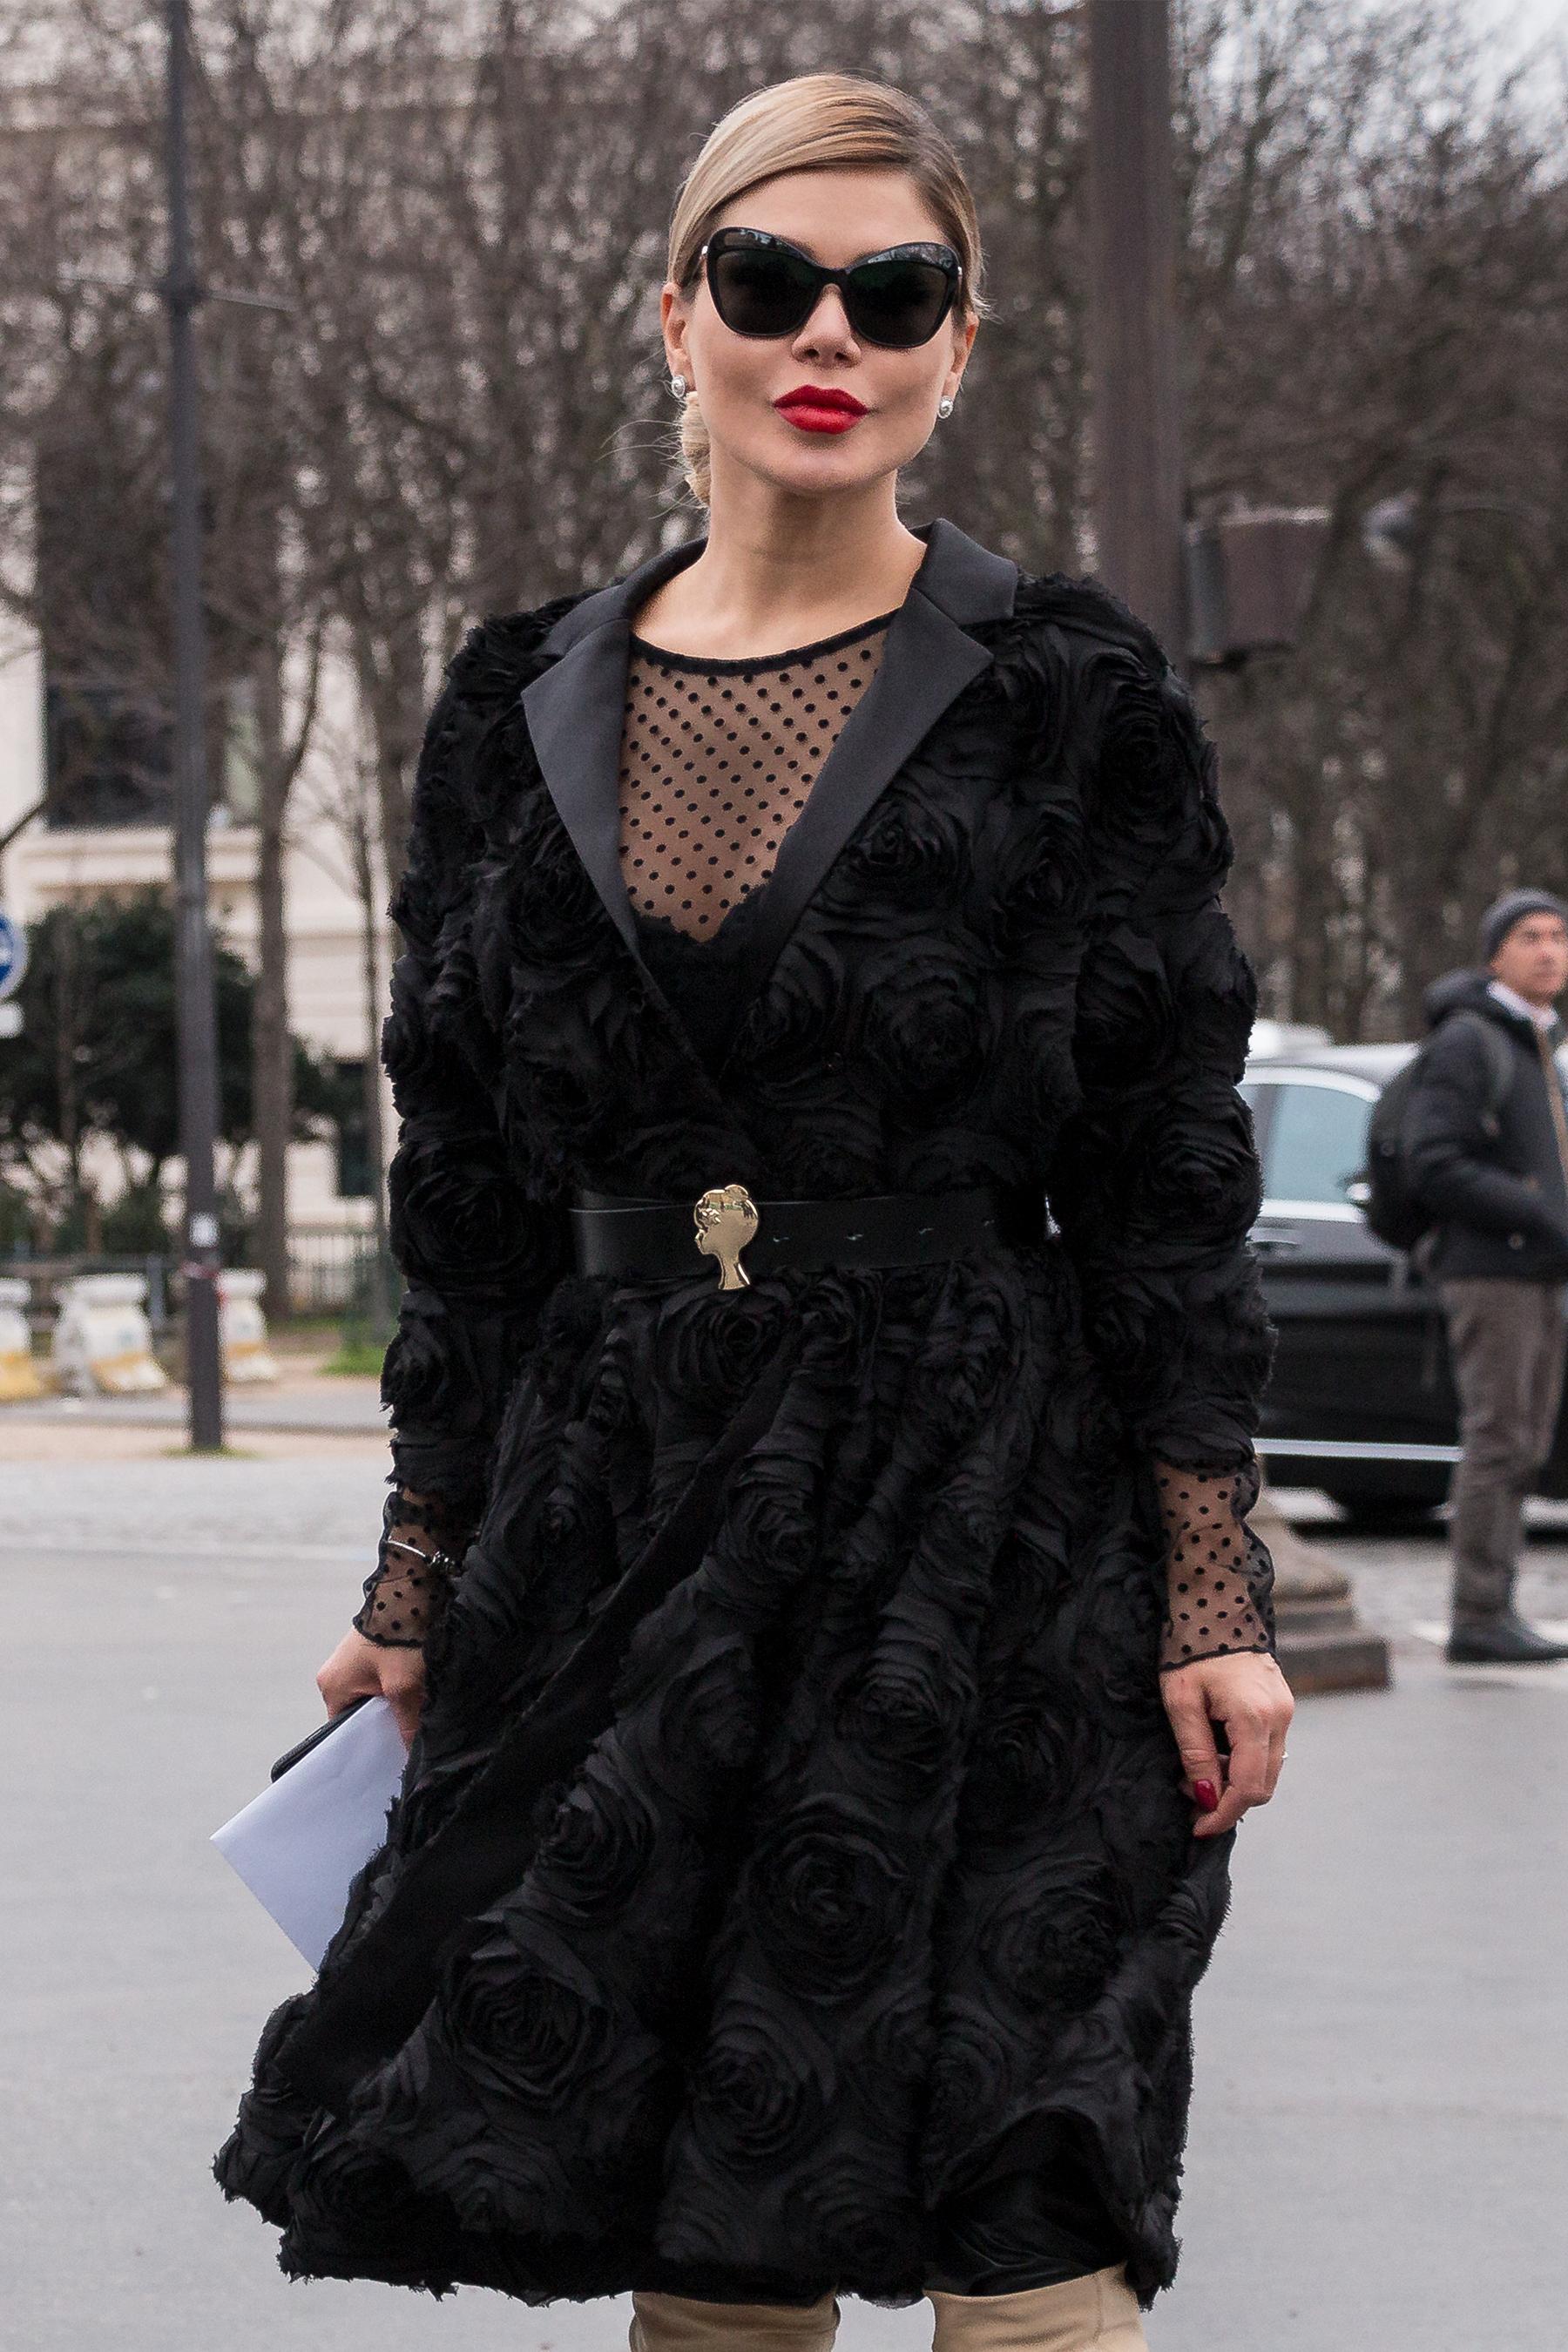 Camila Poli paris couture fashion week street style spring 2018 poli